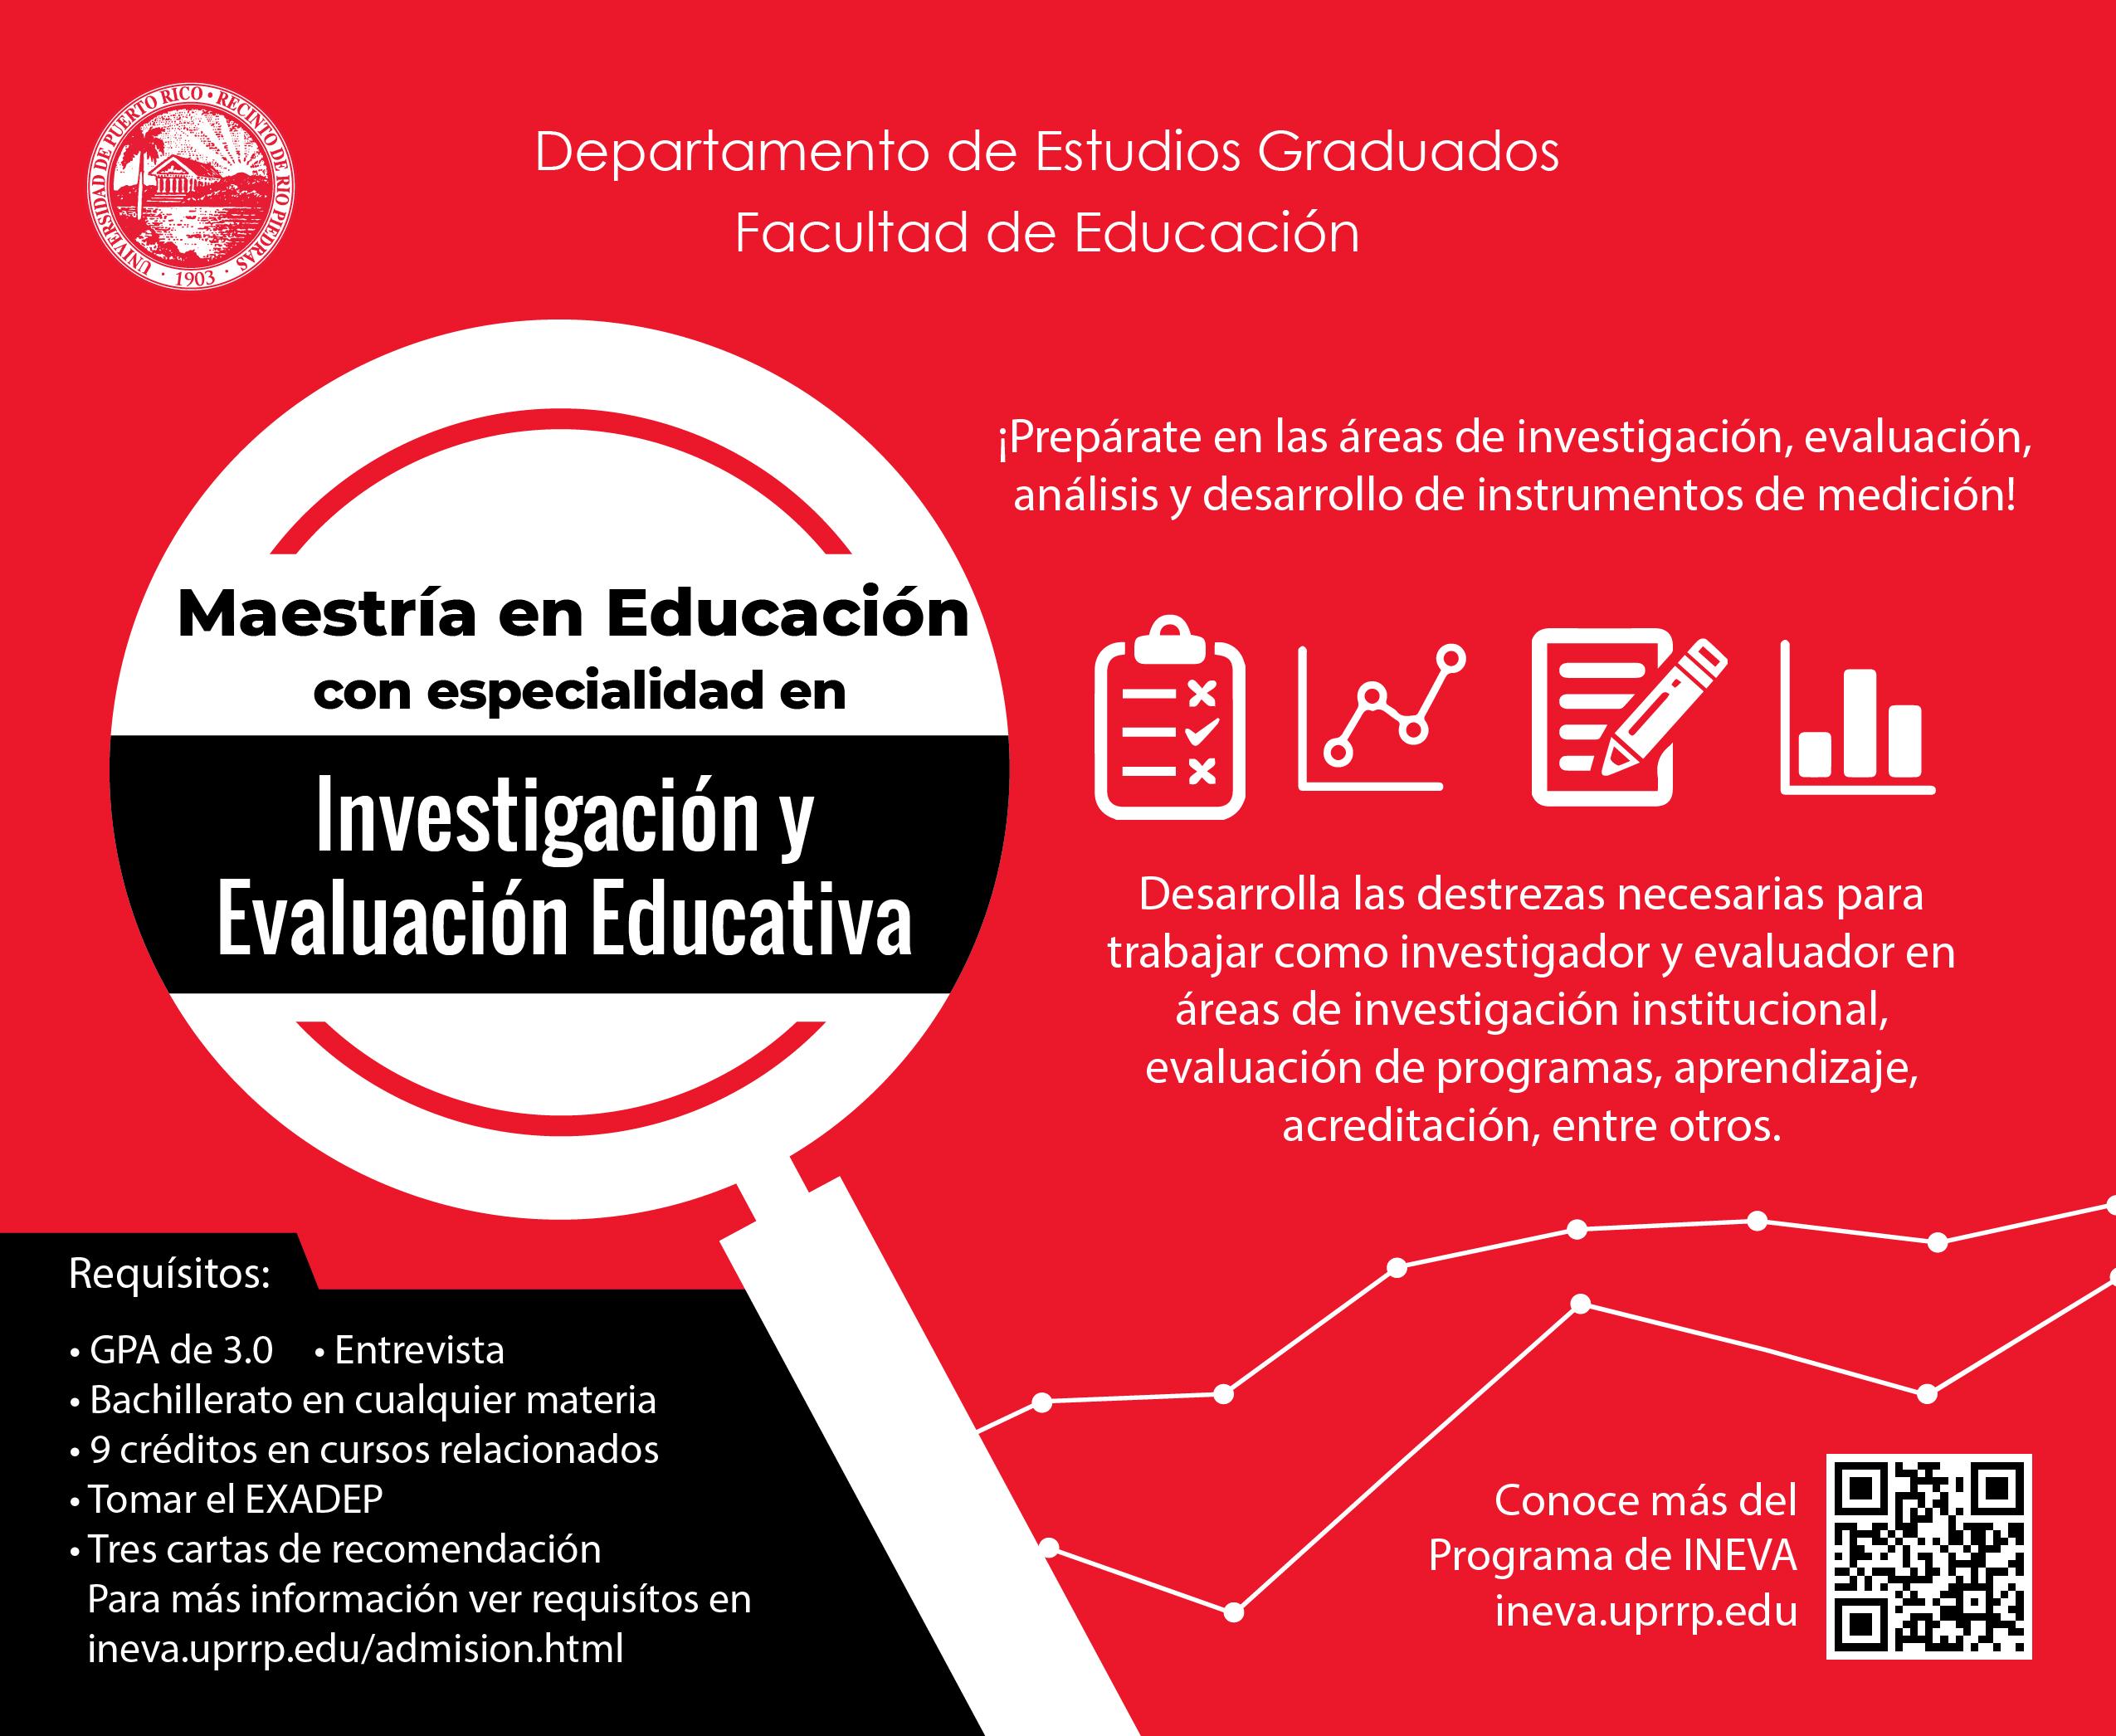 Información Programa INEVA